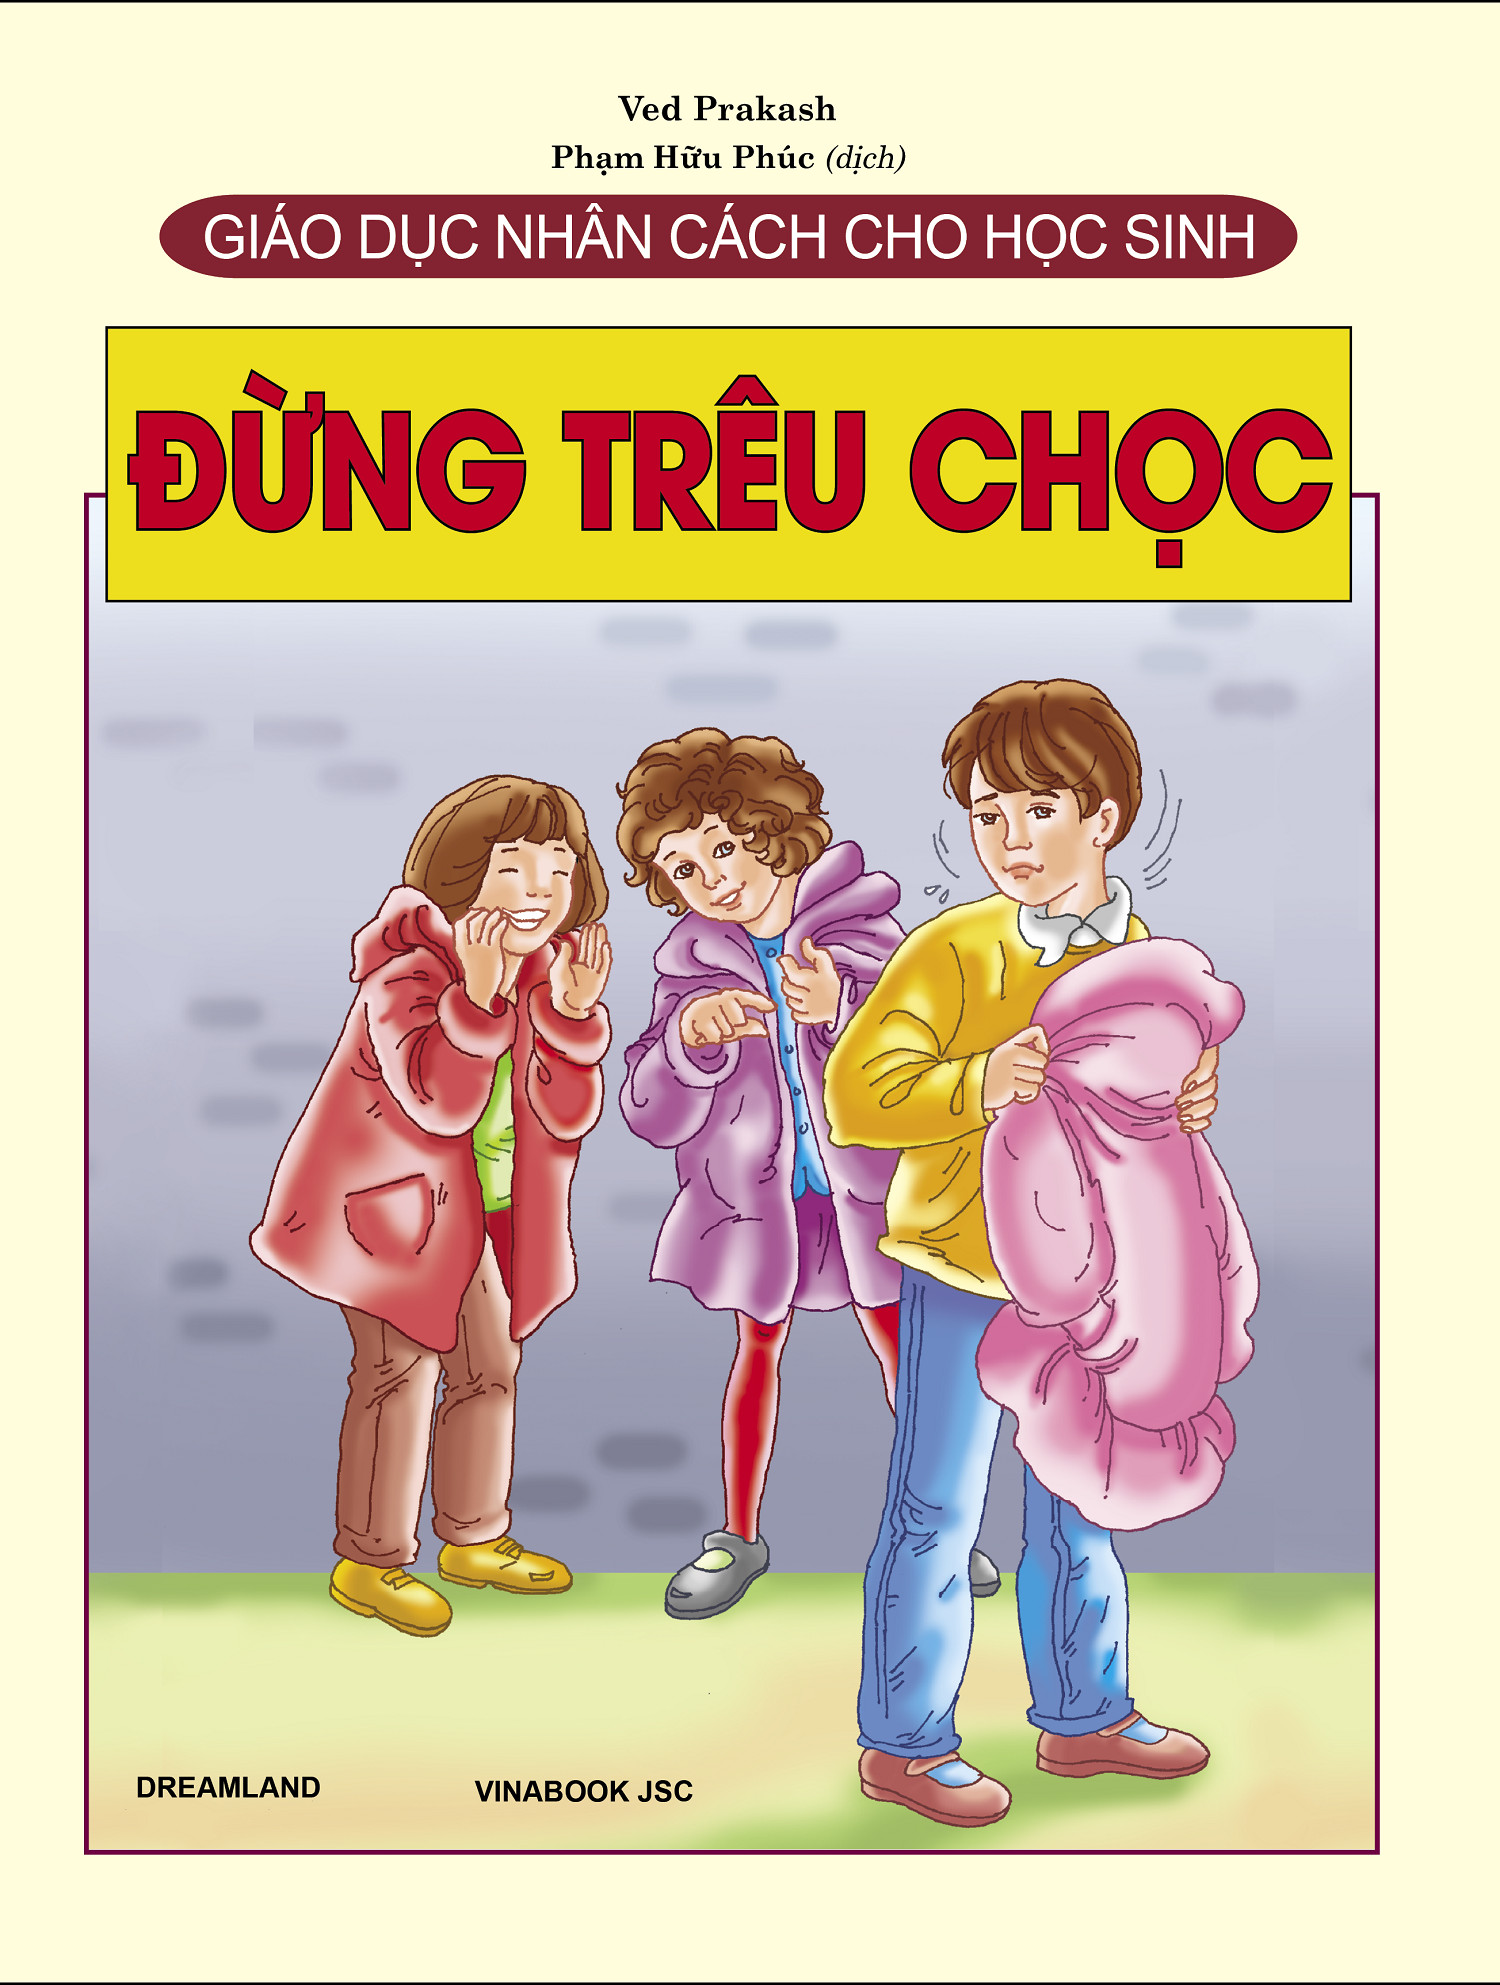 Combo Sách Giáo Dục Nhân Cách Cho Học Sinh (5 cuốn): Từ Chối + Xin Lỗi + Đừng Nói Thế + Đừng Làm Thế + Đừng Trêu Chọc